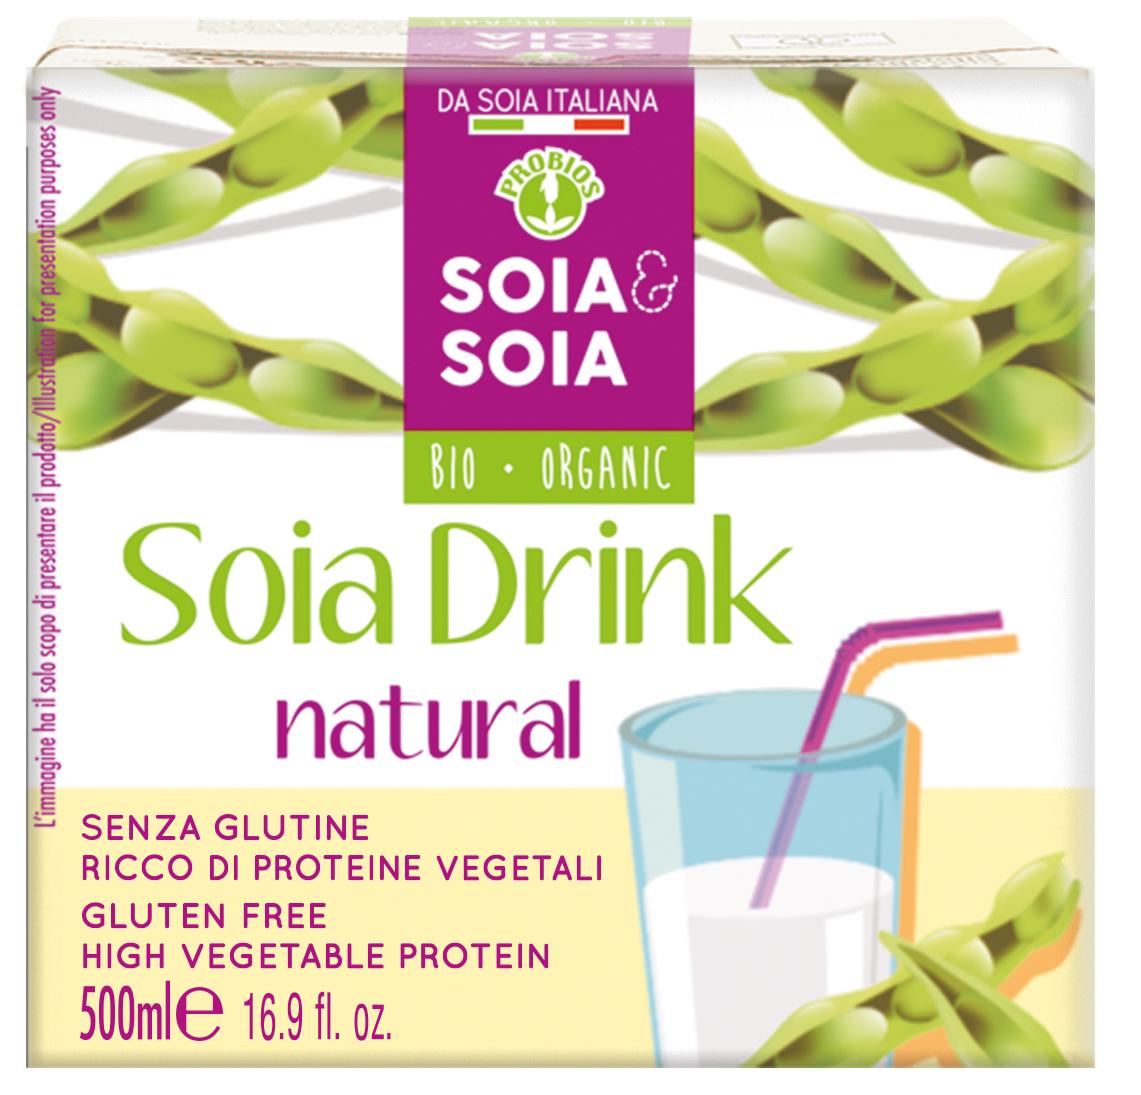 Probios Soia & Soia Drink natural 1 litro